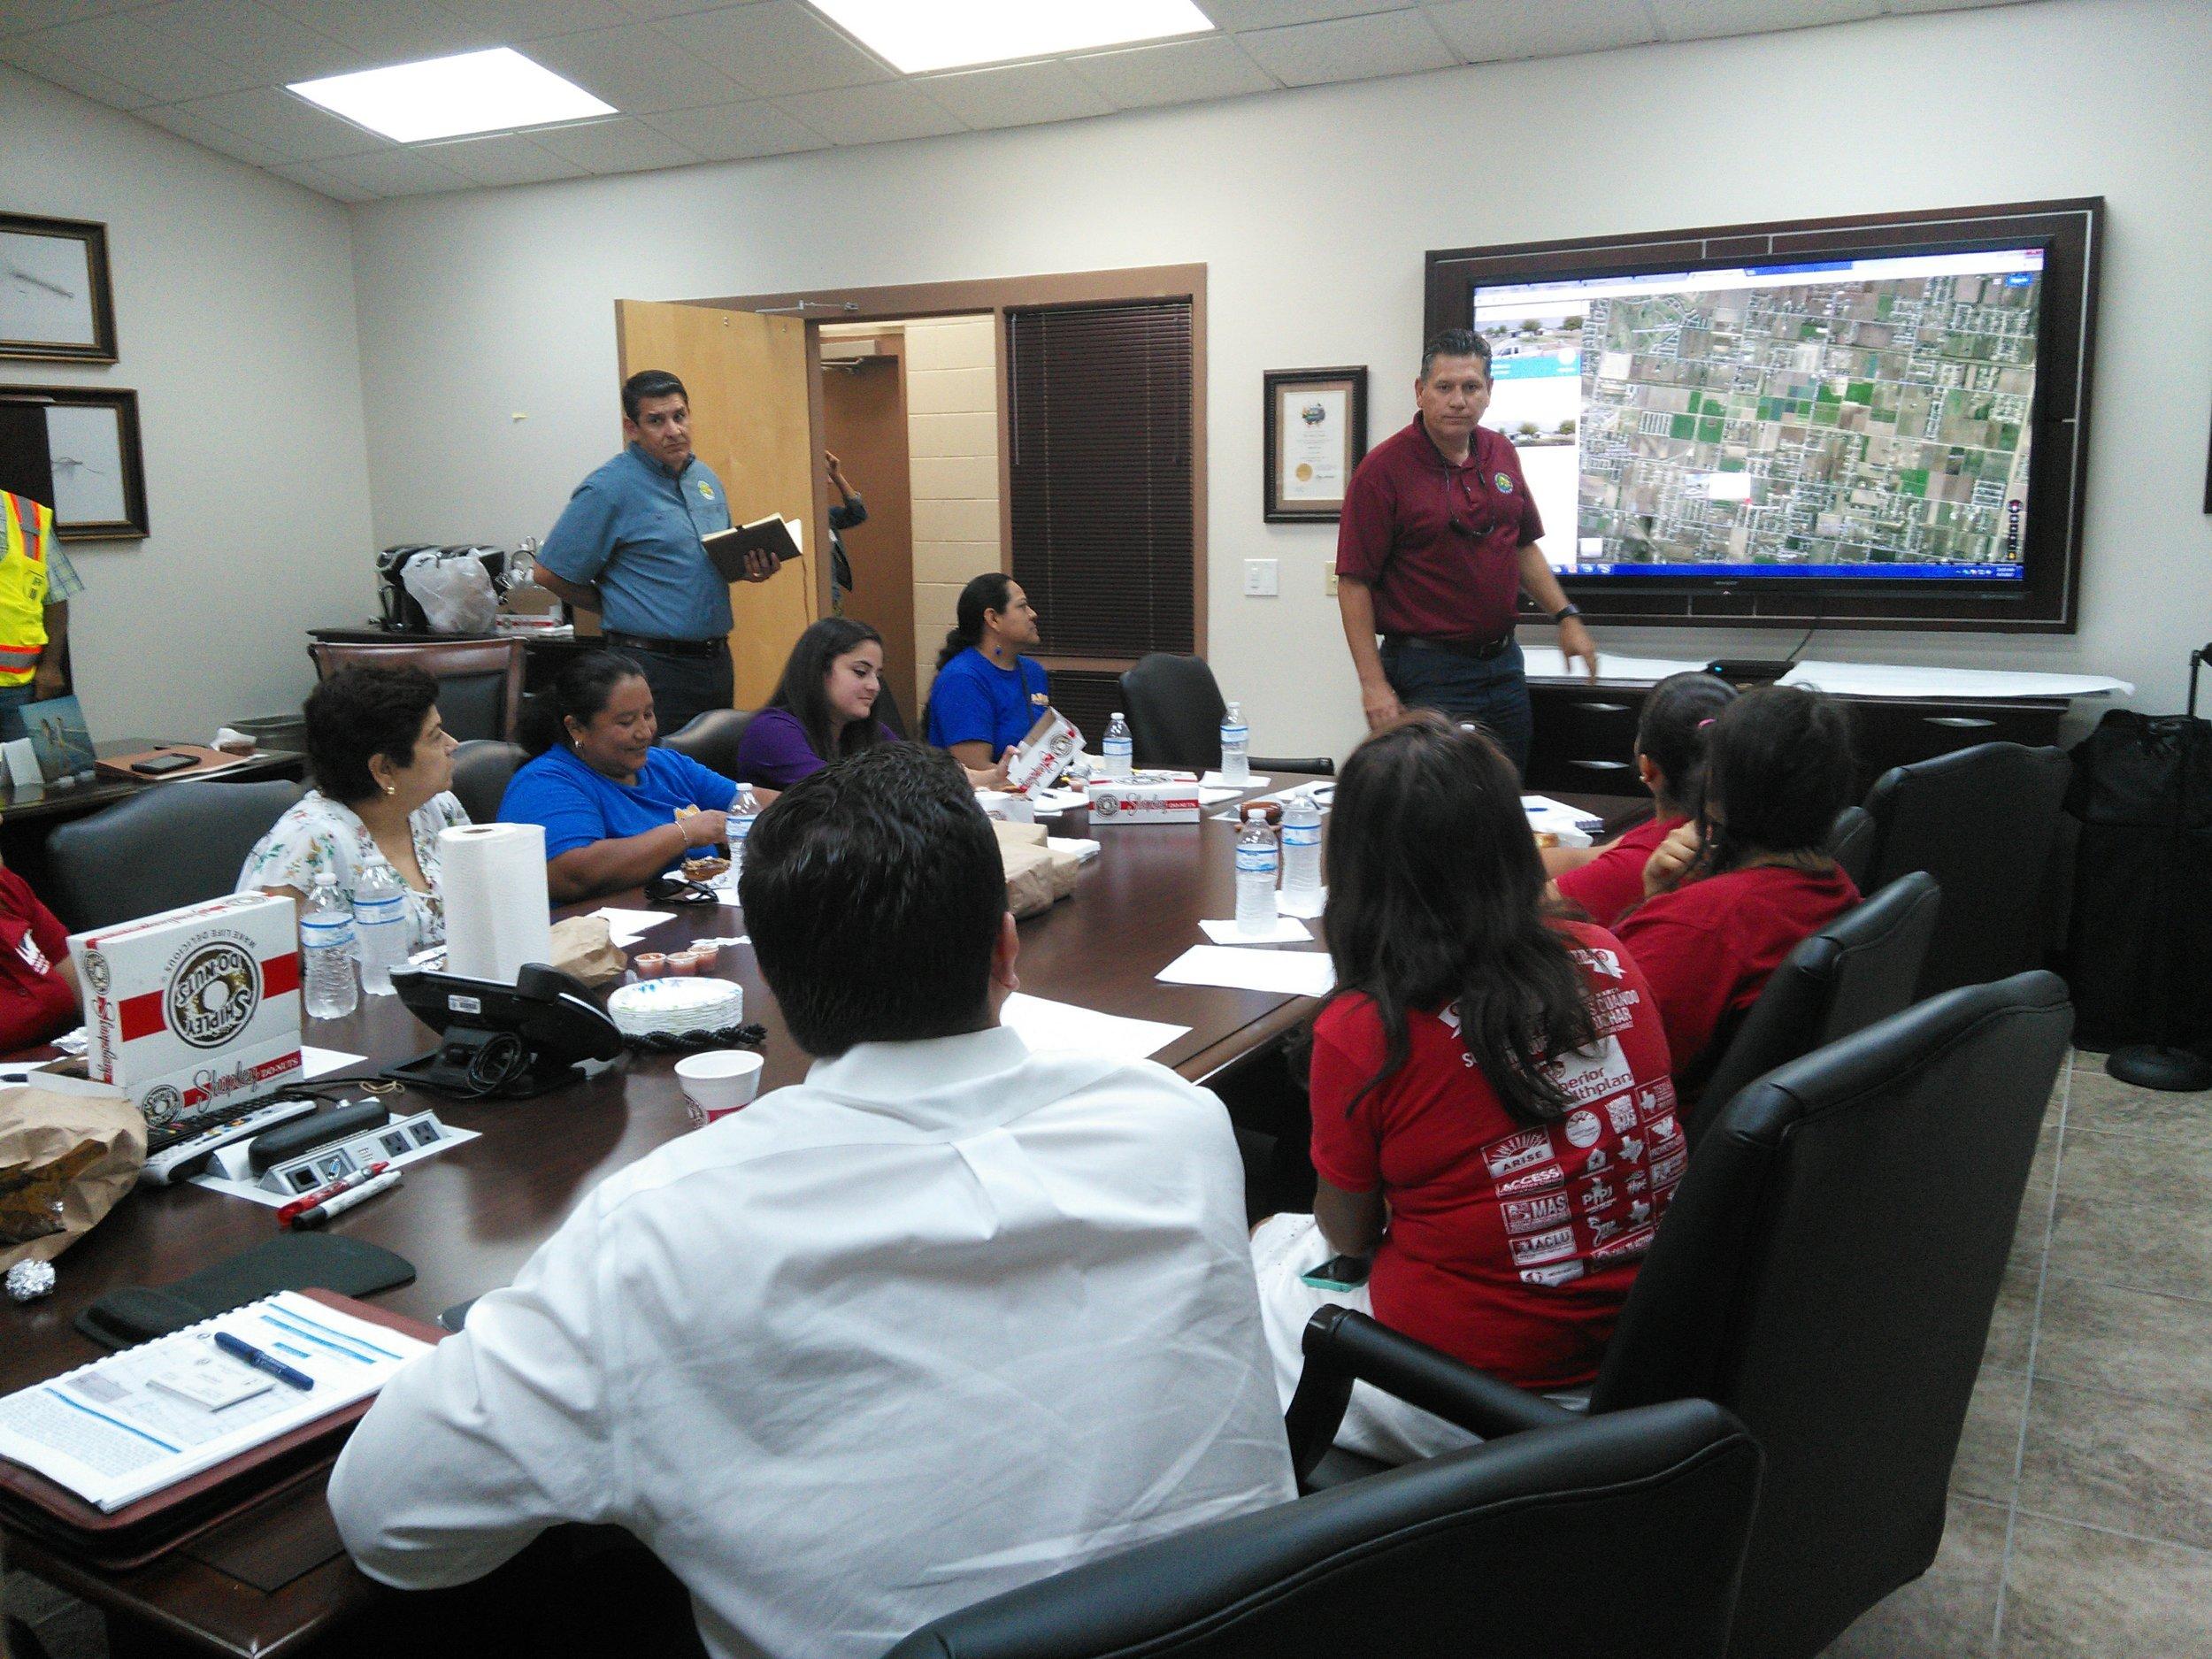 Raul Sesin mostrando los mapas / planes que están afectando a las comunidades con las que LUCHA está trabajando.